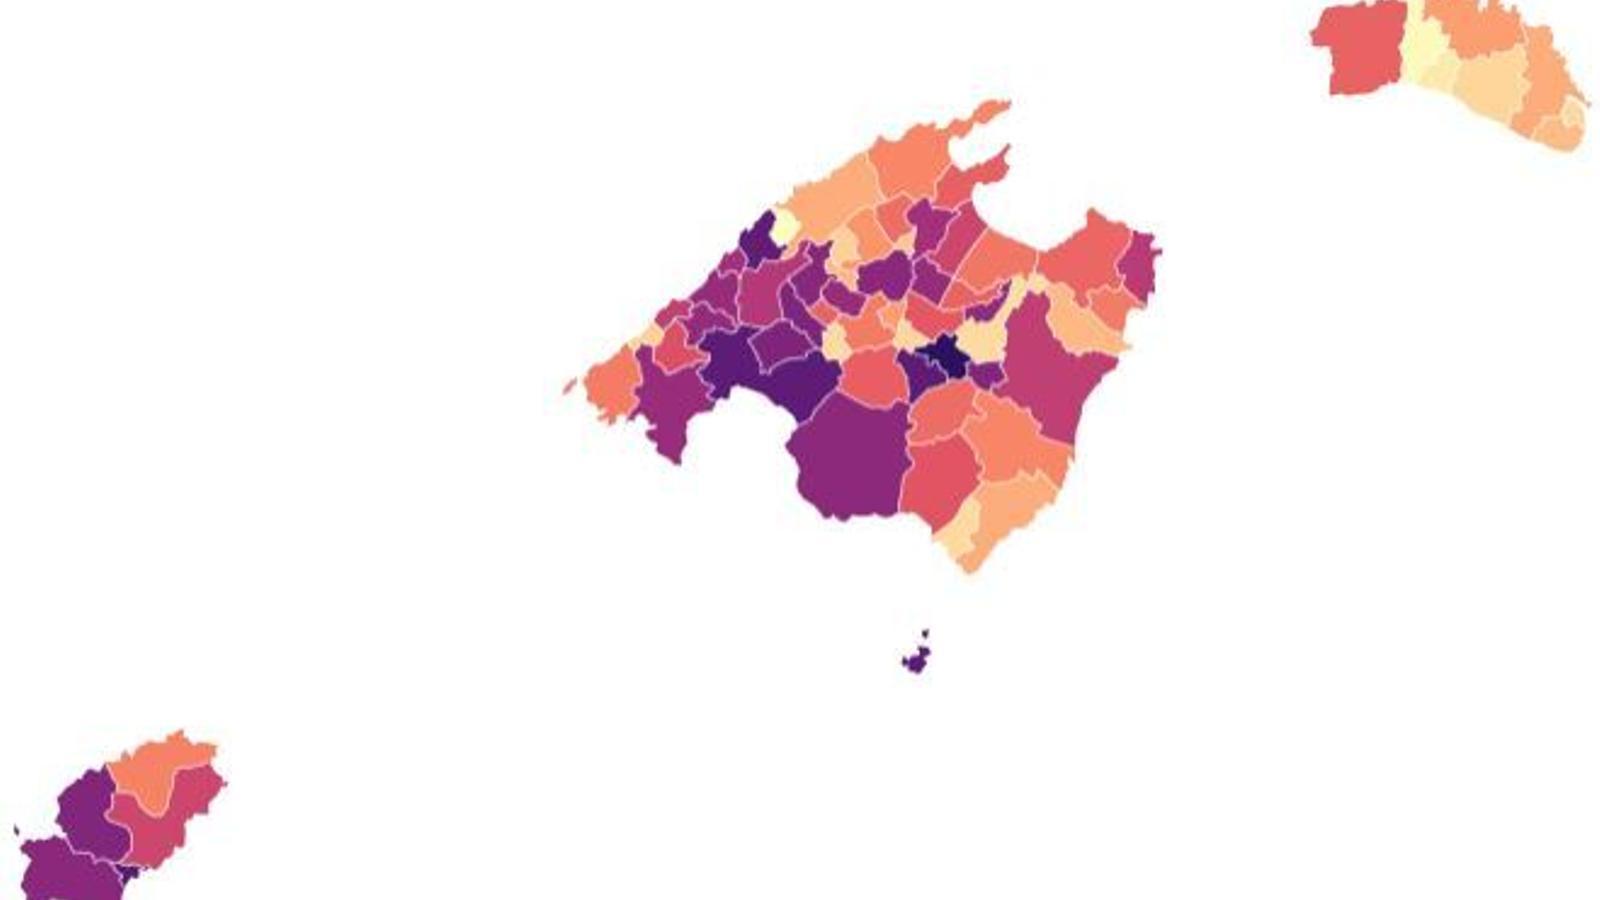 Els contagis de coronavirus augmenten a la majoria de zones bàsiques de les Balears